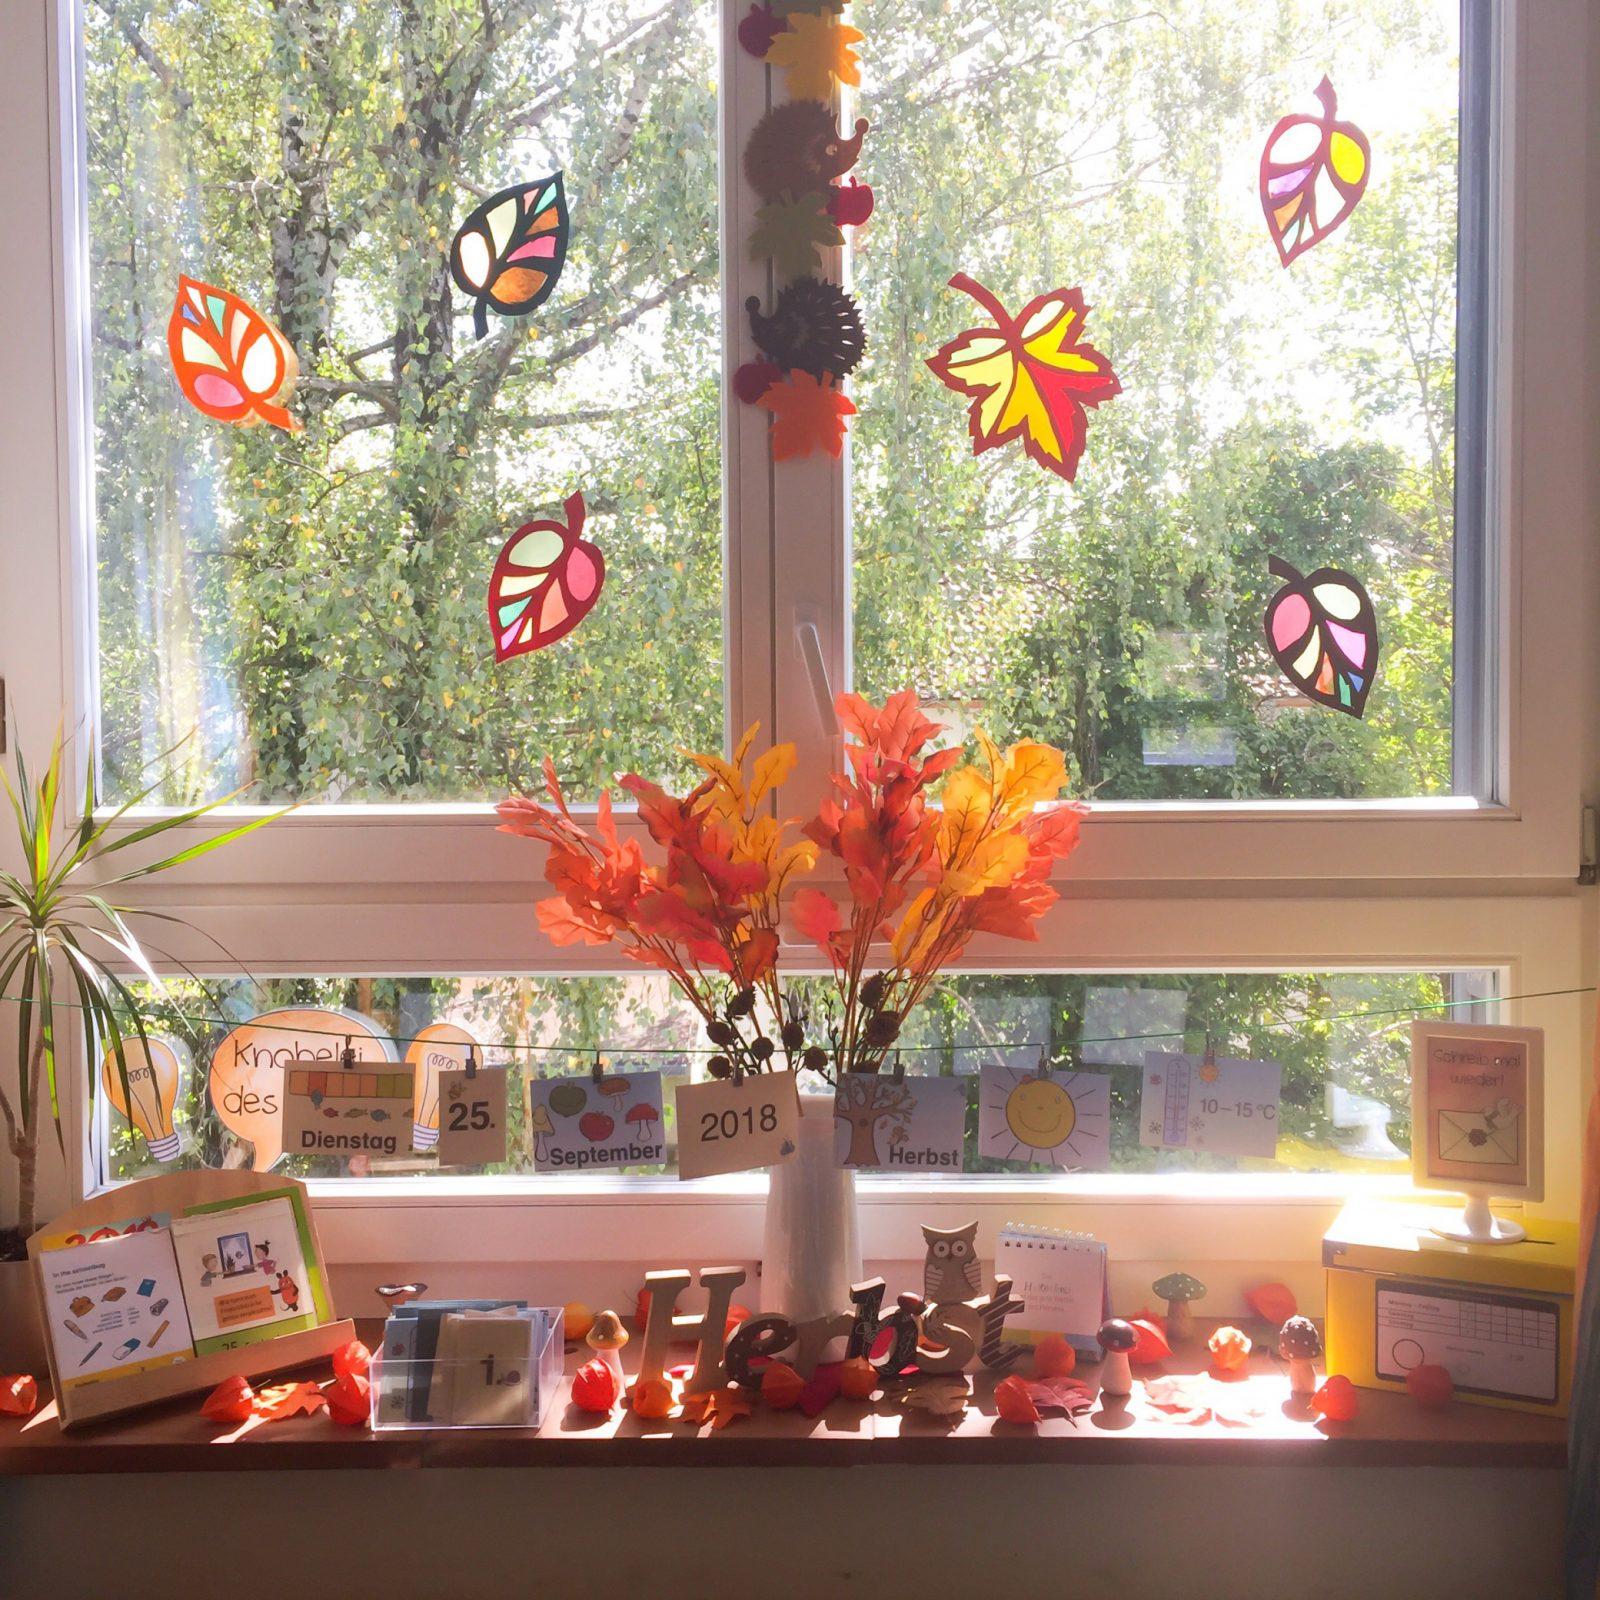 Herbst Im Klassenzimmer von Herbst Dekoration Fenster Bild